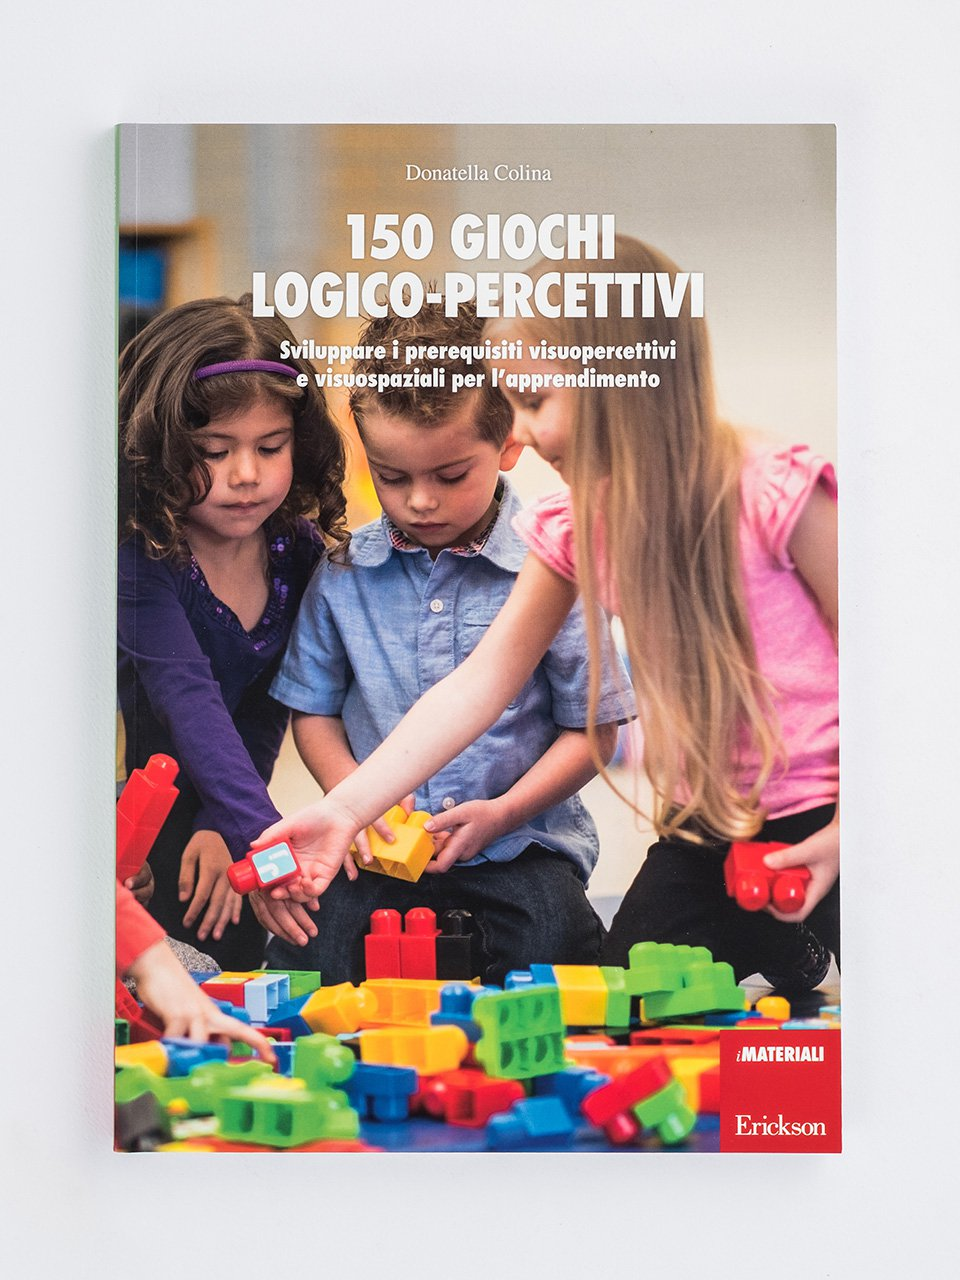 150 giochi logico-percettivi - Test TEMA - Memoria e apprendimento - Libri - Strumenti - Erickson